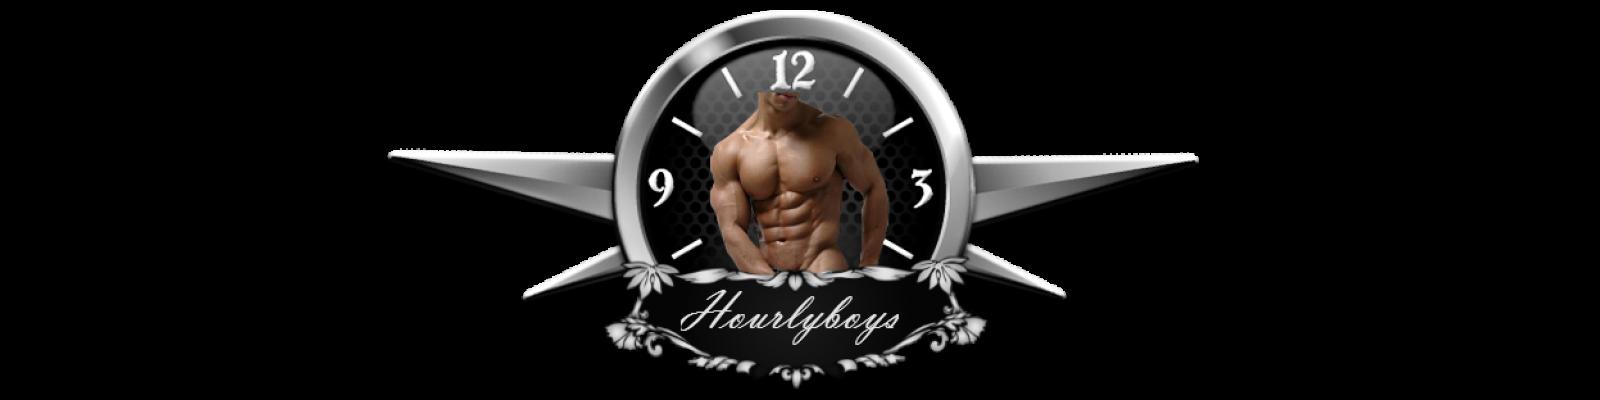 #hourlyboys